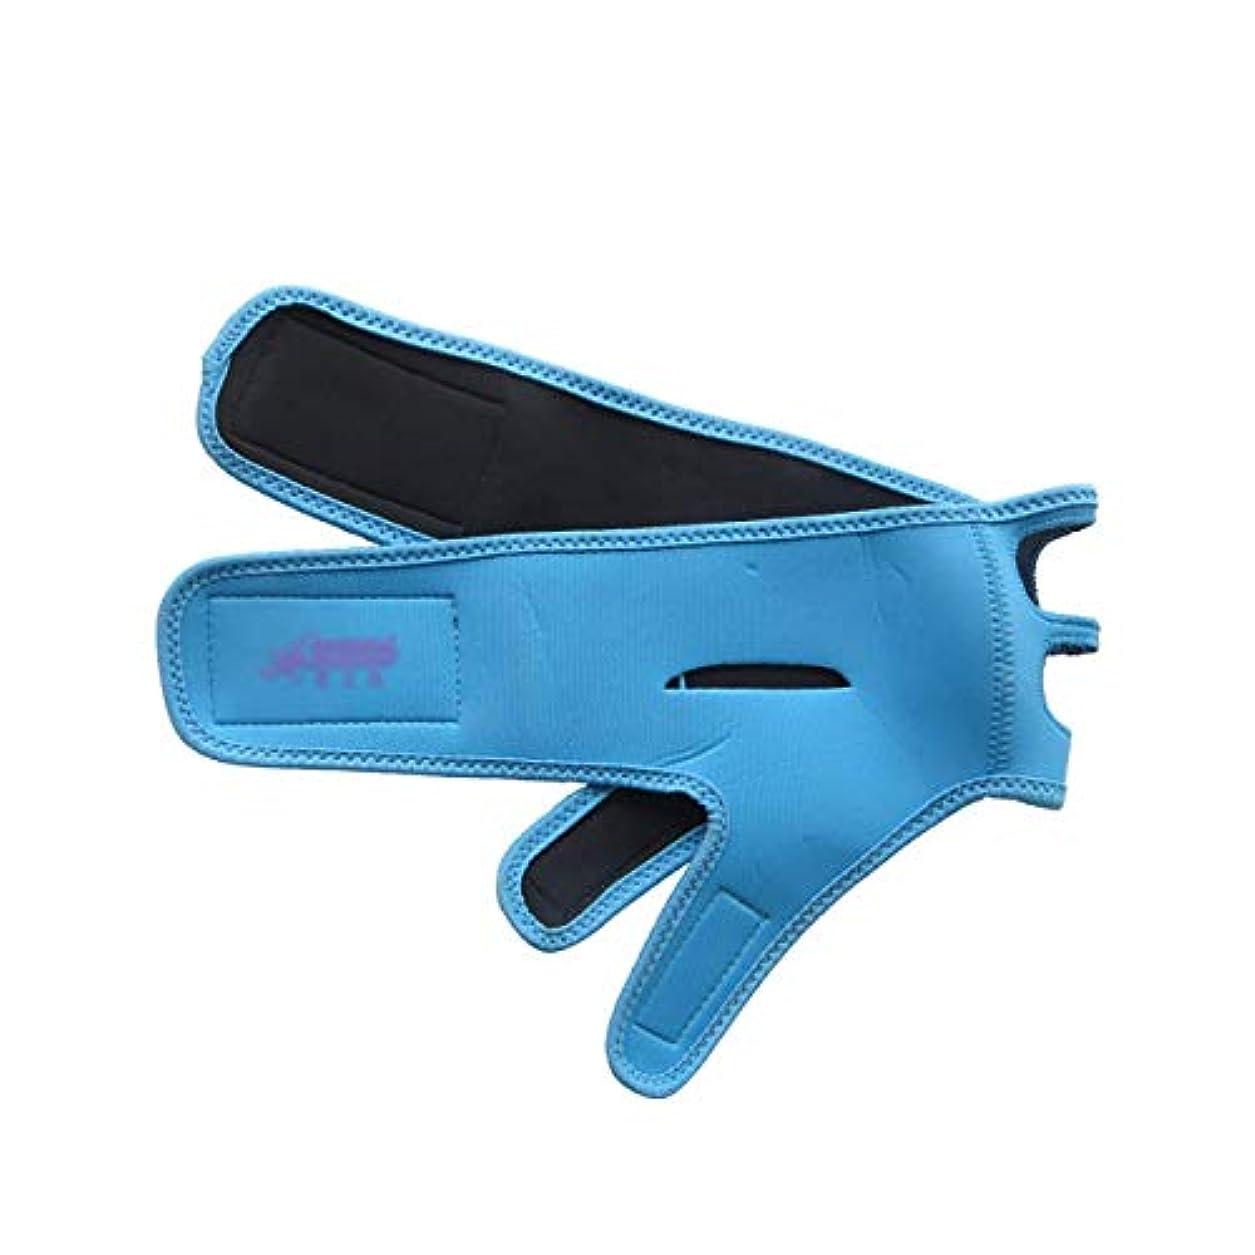 はっきりしないとげのある消費するファーミングフェイスマスク、フェイスリフトフェイスフェースフェイスアーティファクトVフェイスリフティングフェイス包帯シンフェイスマスクフェイスリフトフェイシャルマッサージ(カラー:B),B